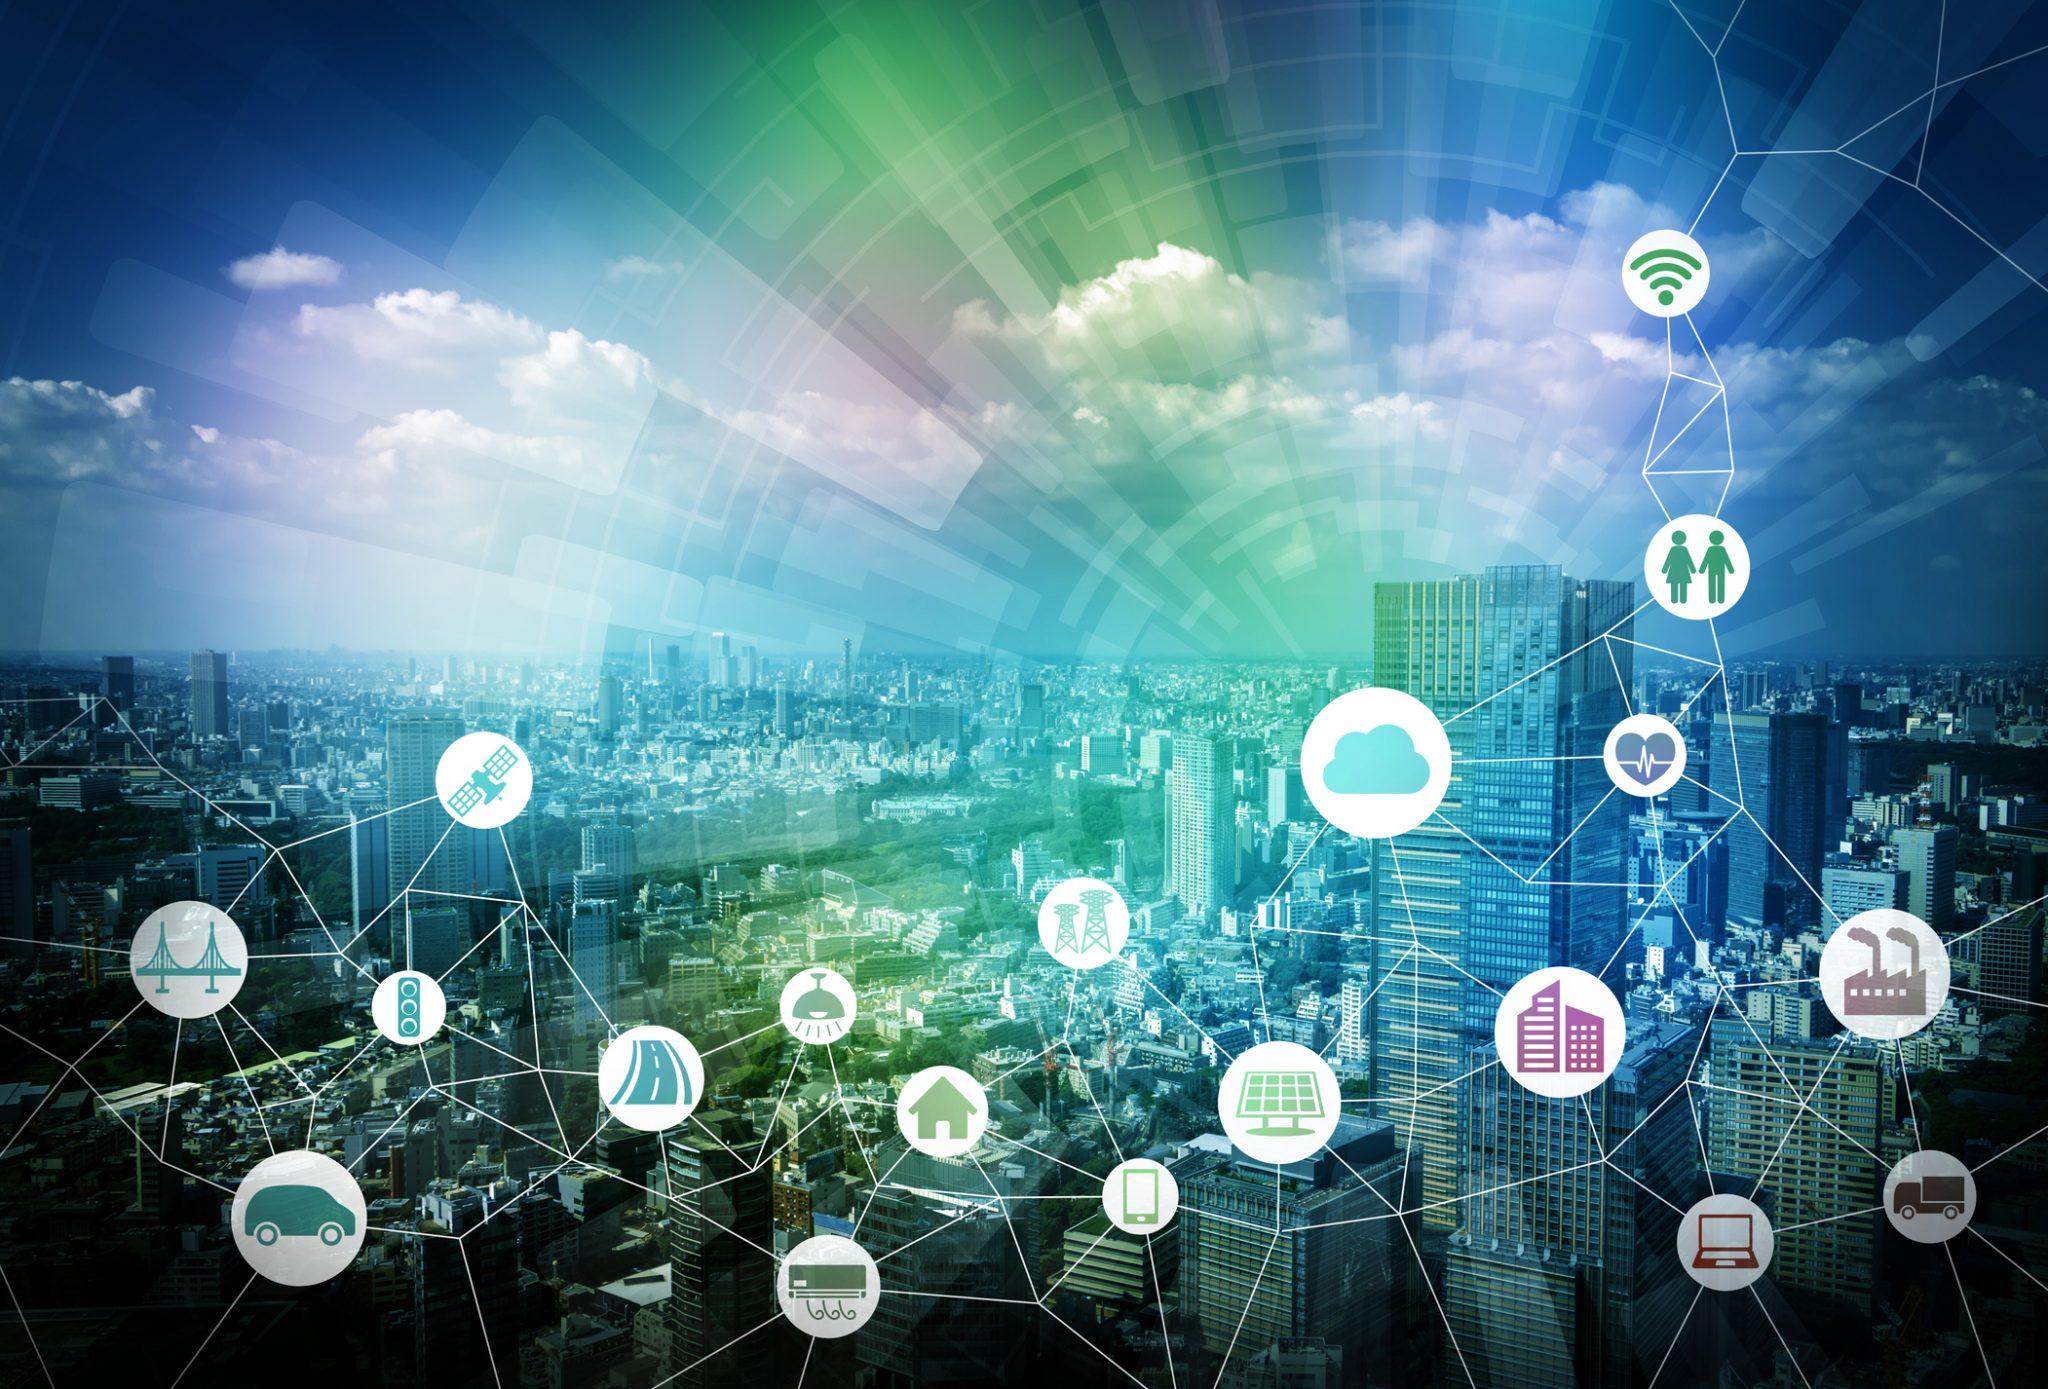 NB-IoT智能燃气表市场火爆,迎来发展大机遇